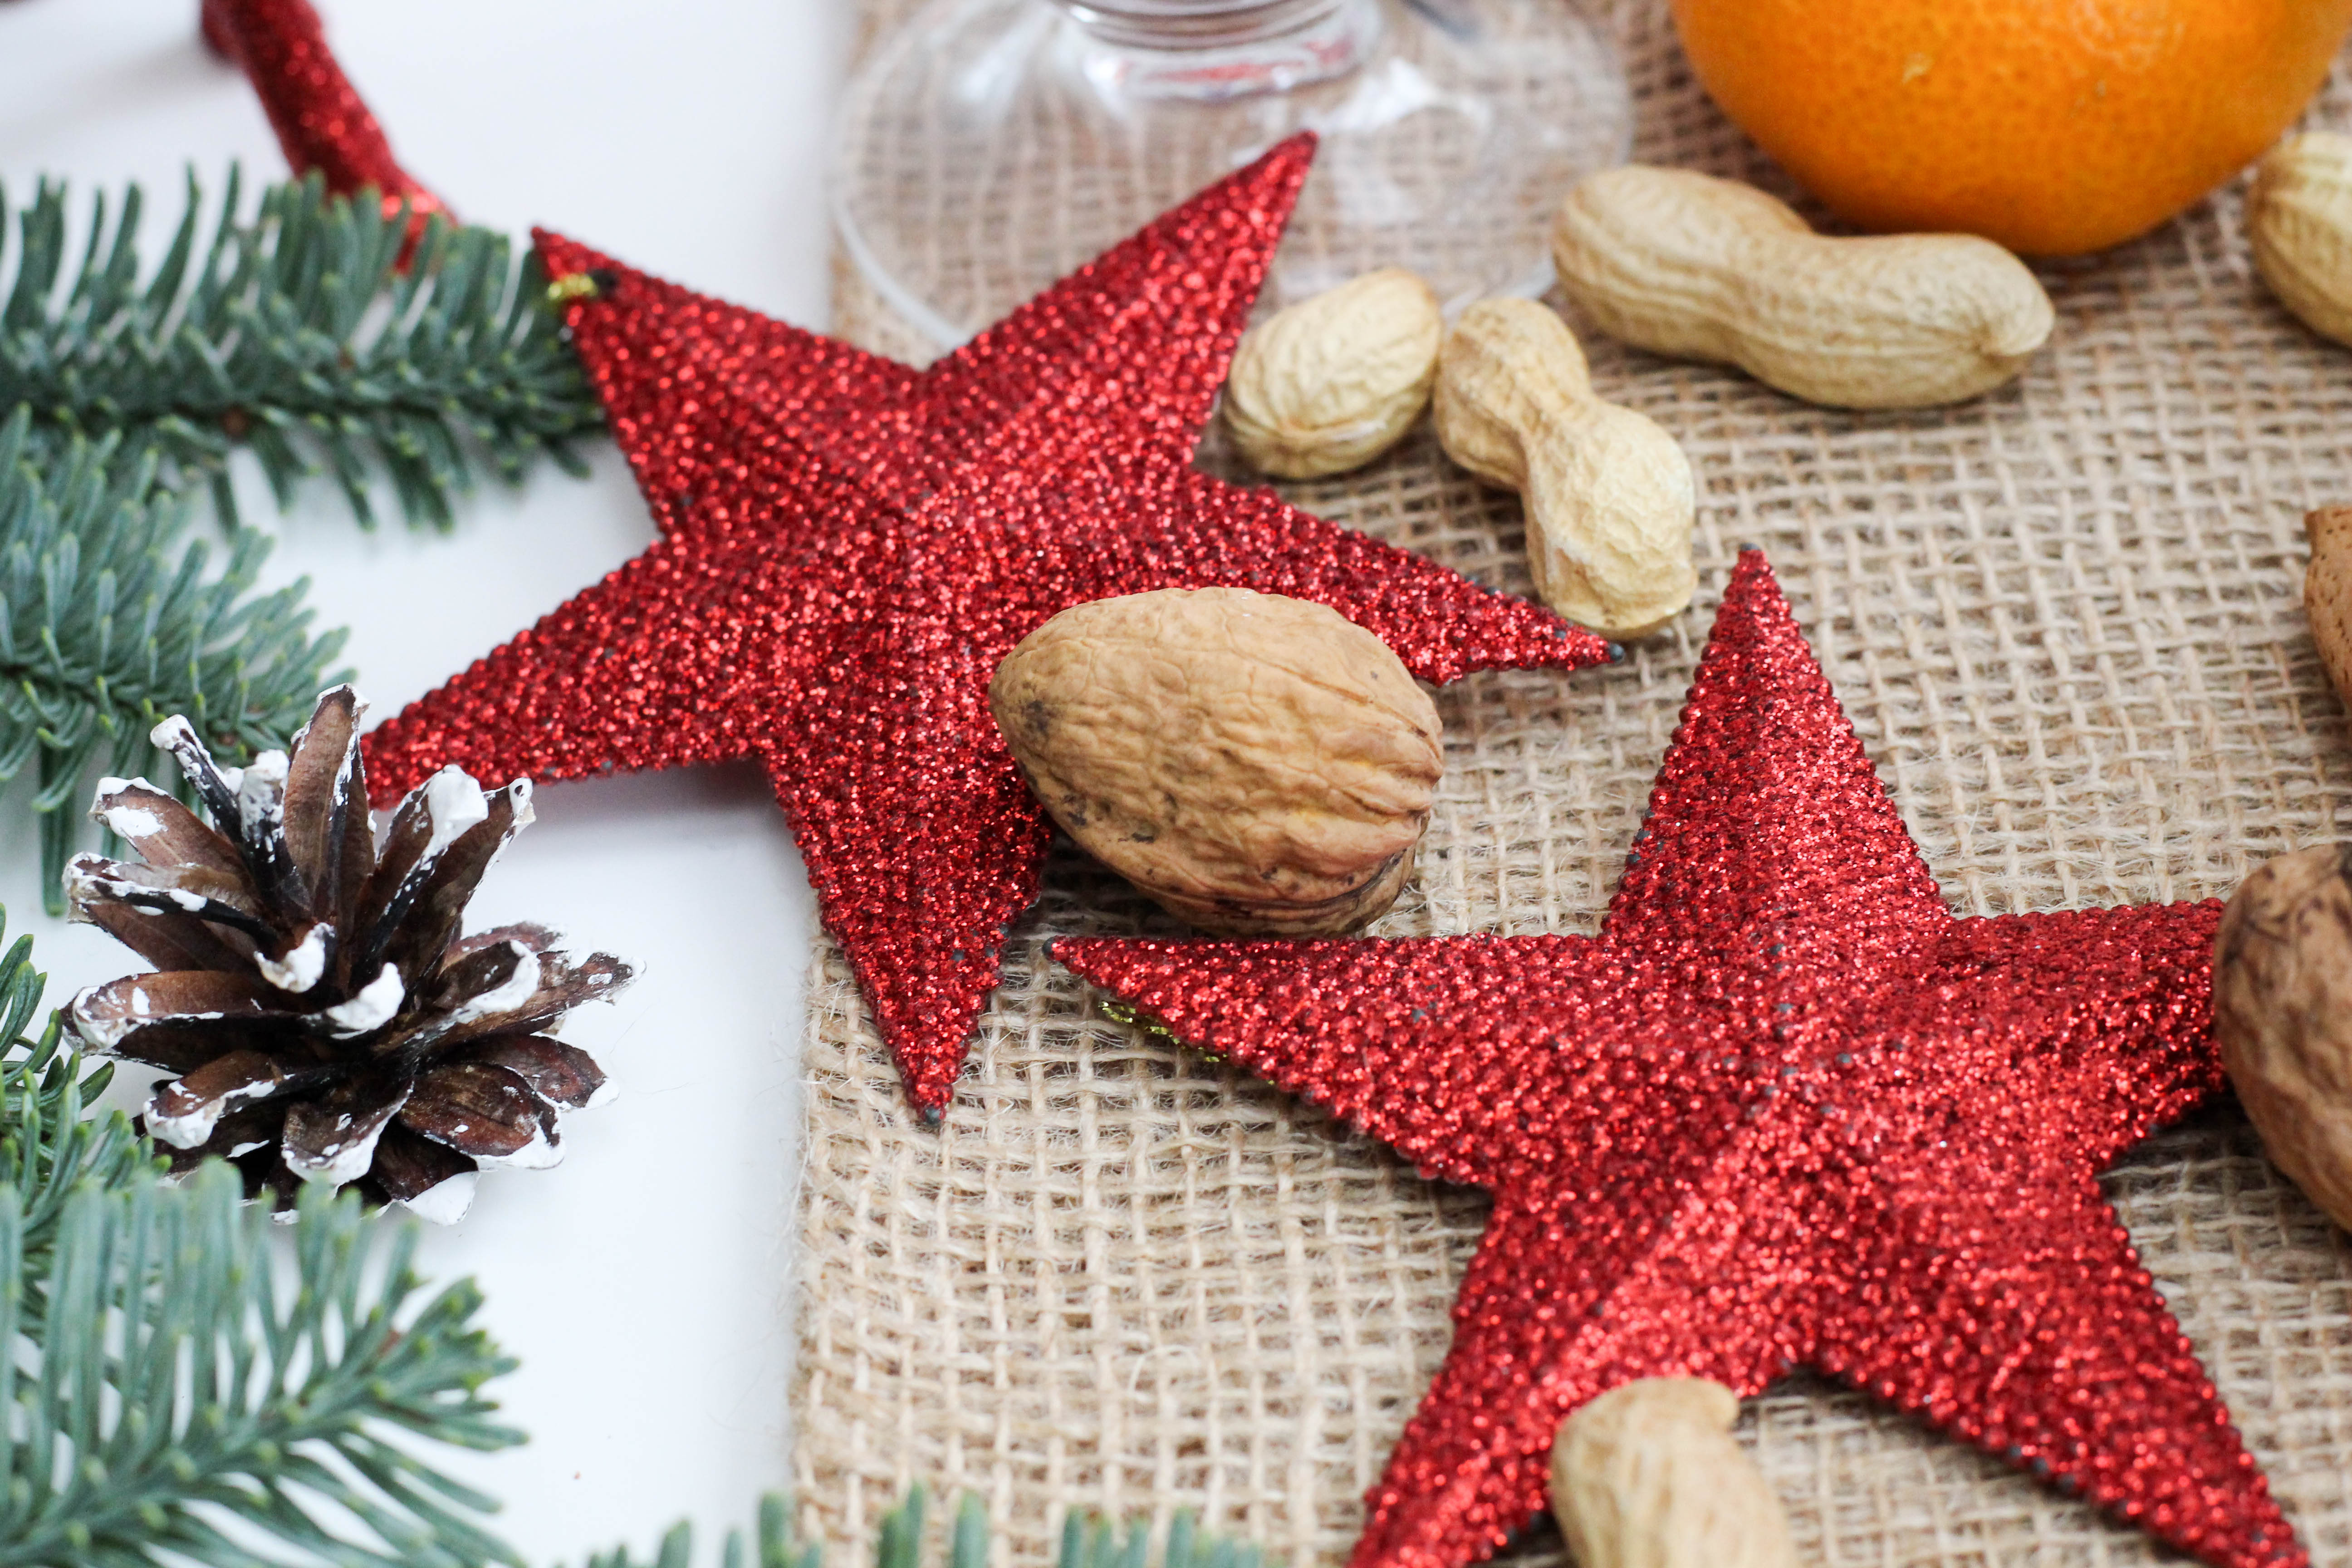 vegan-nikolaus-krampus-weihnachten-bratapfel-germteig-perchten-nuesse-christmas-soulfood-homespa-plantbased-25-von-35